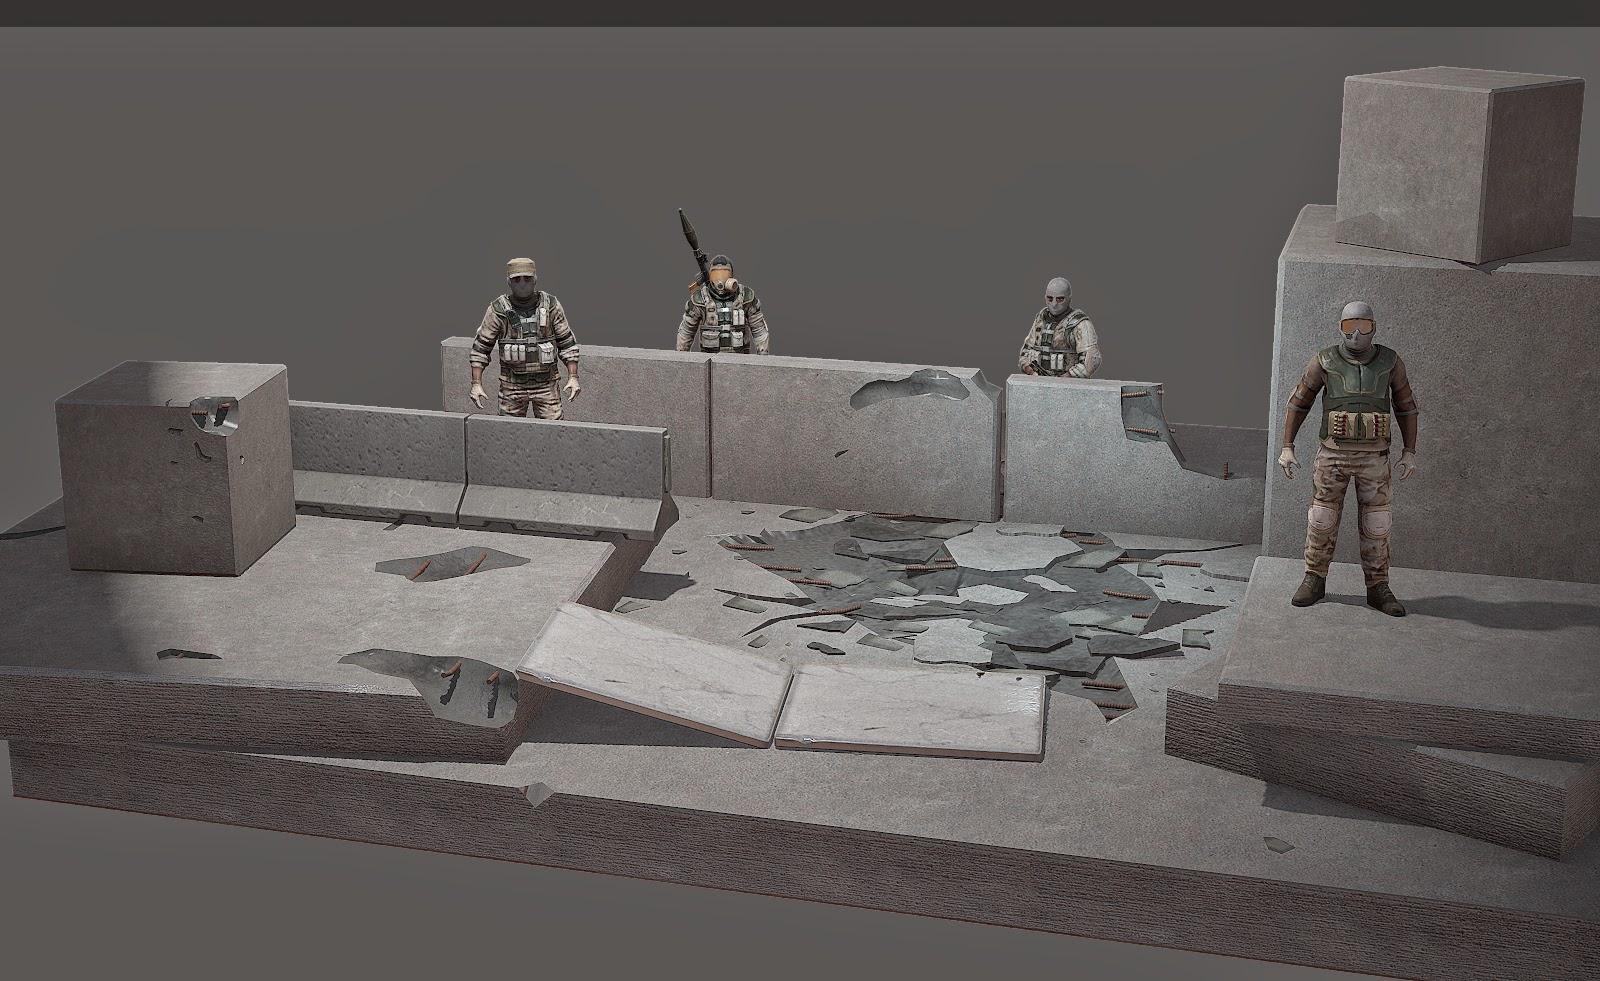 Concrete Scenery